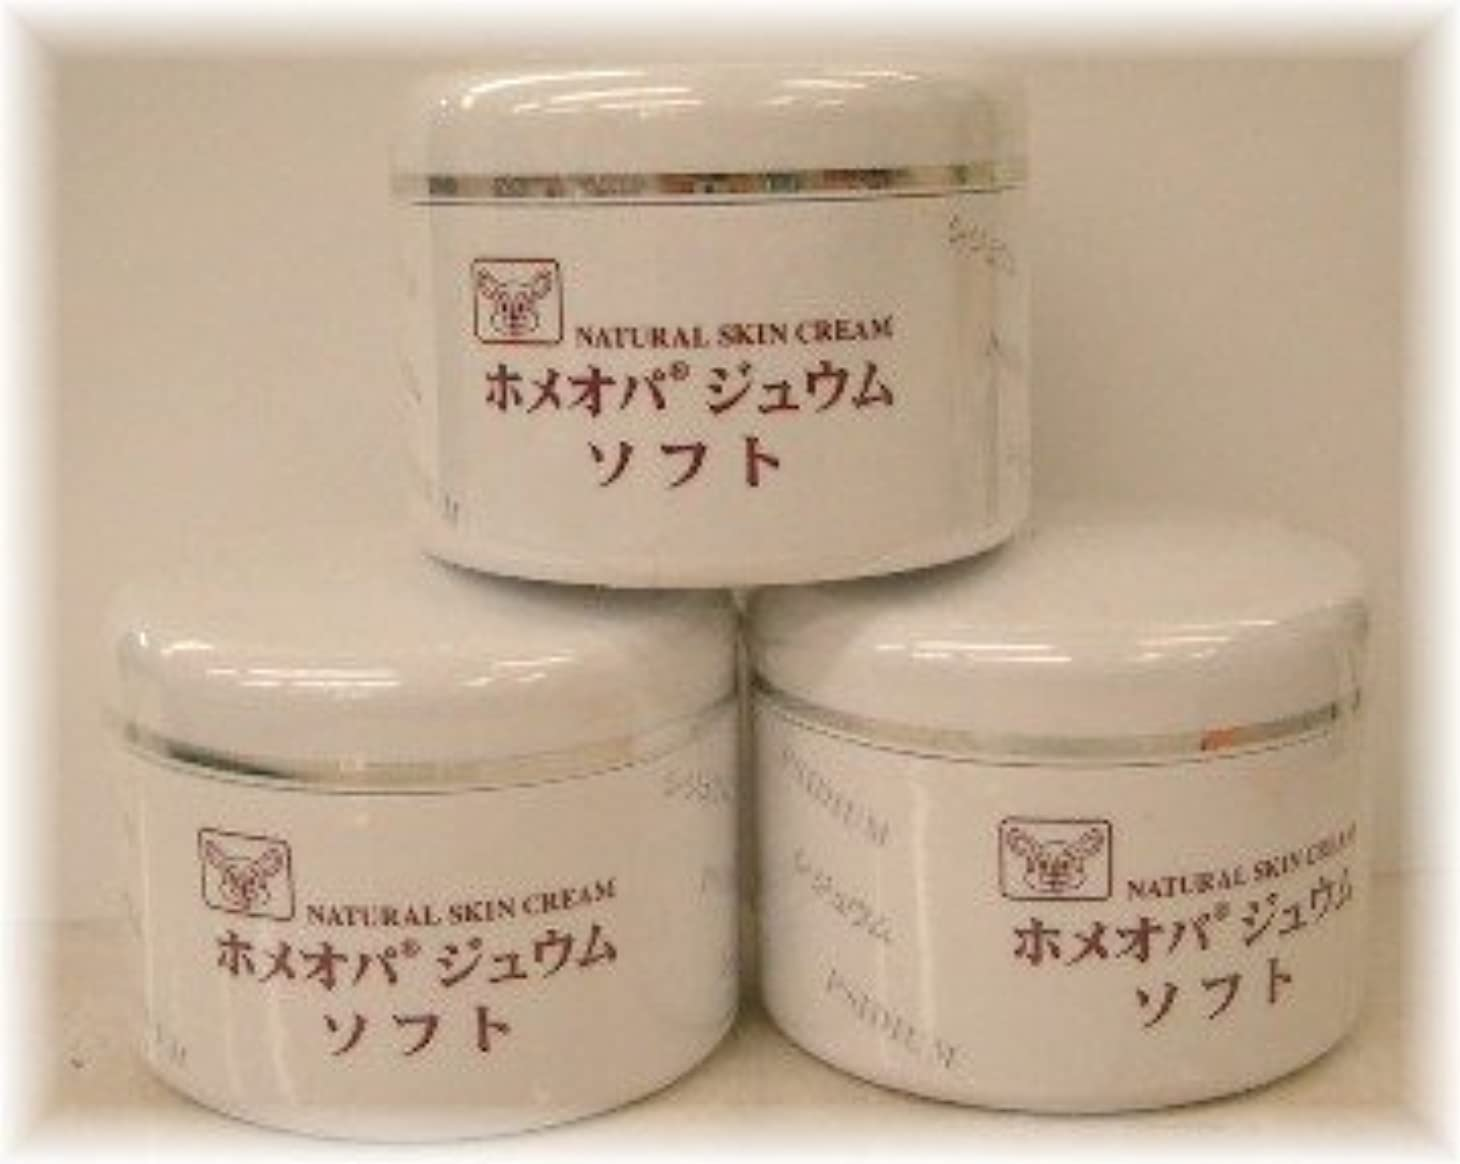 のれんフォーマット差し引くホメオパジュウム スキンケア商品3点¥10500クリームソフトx3個